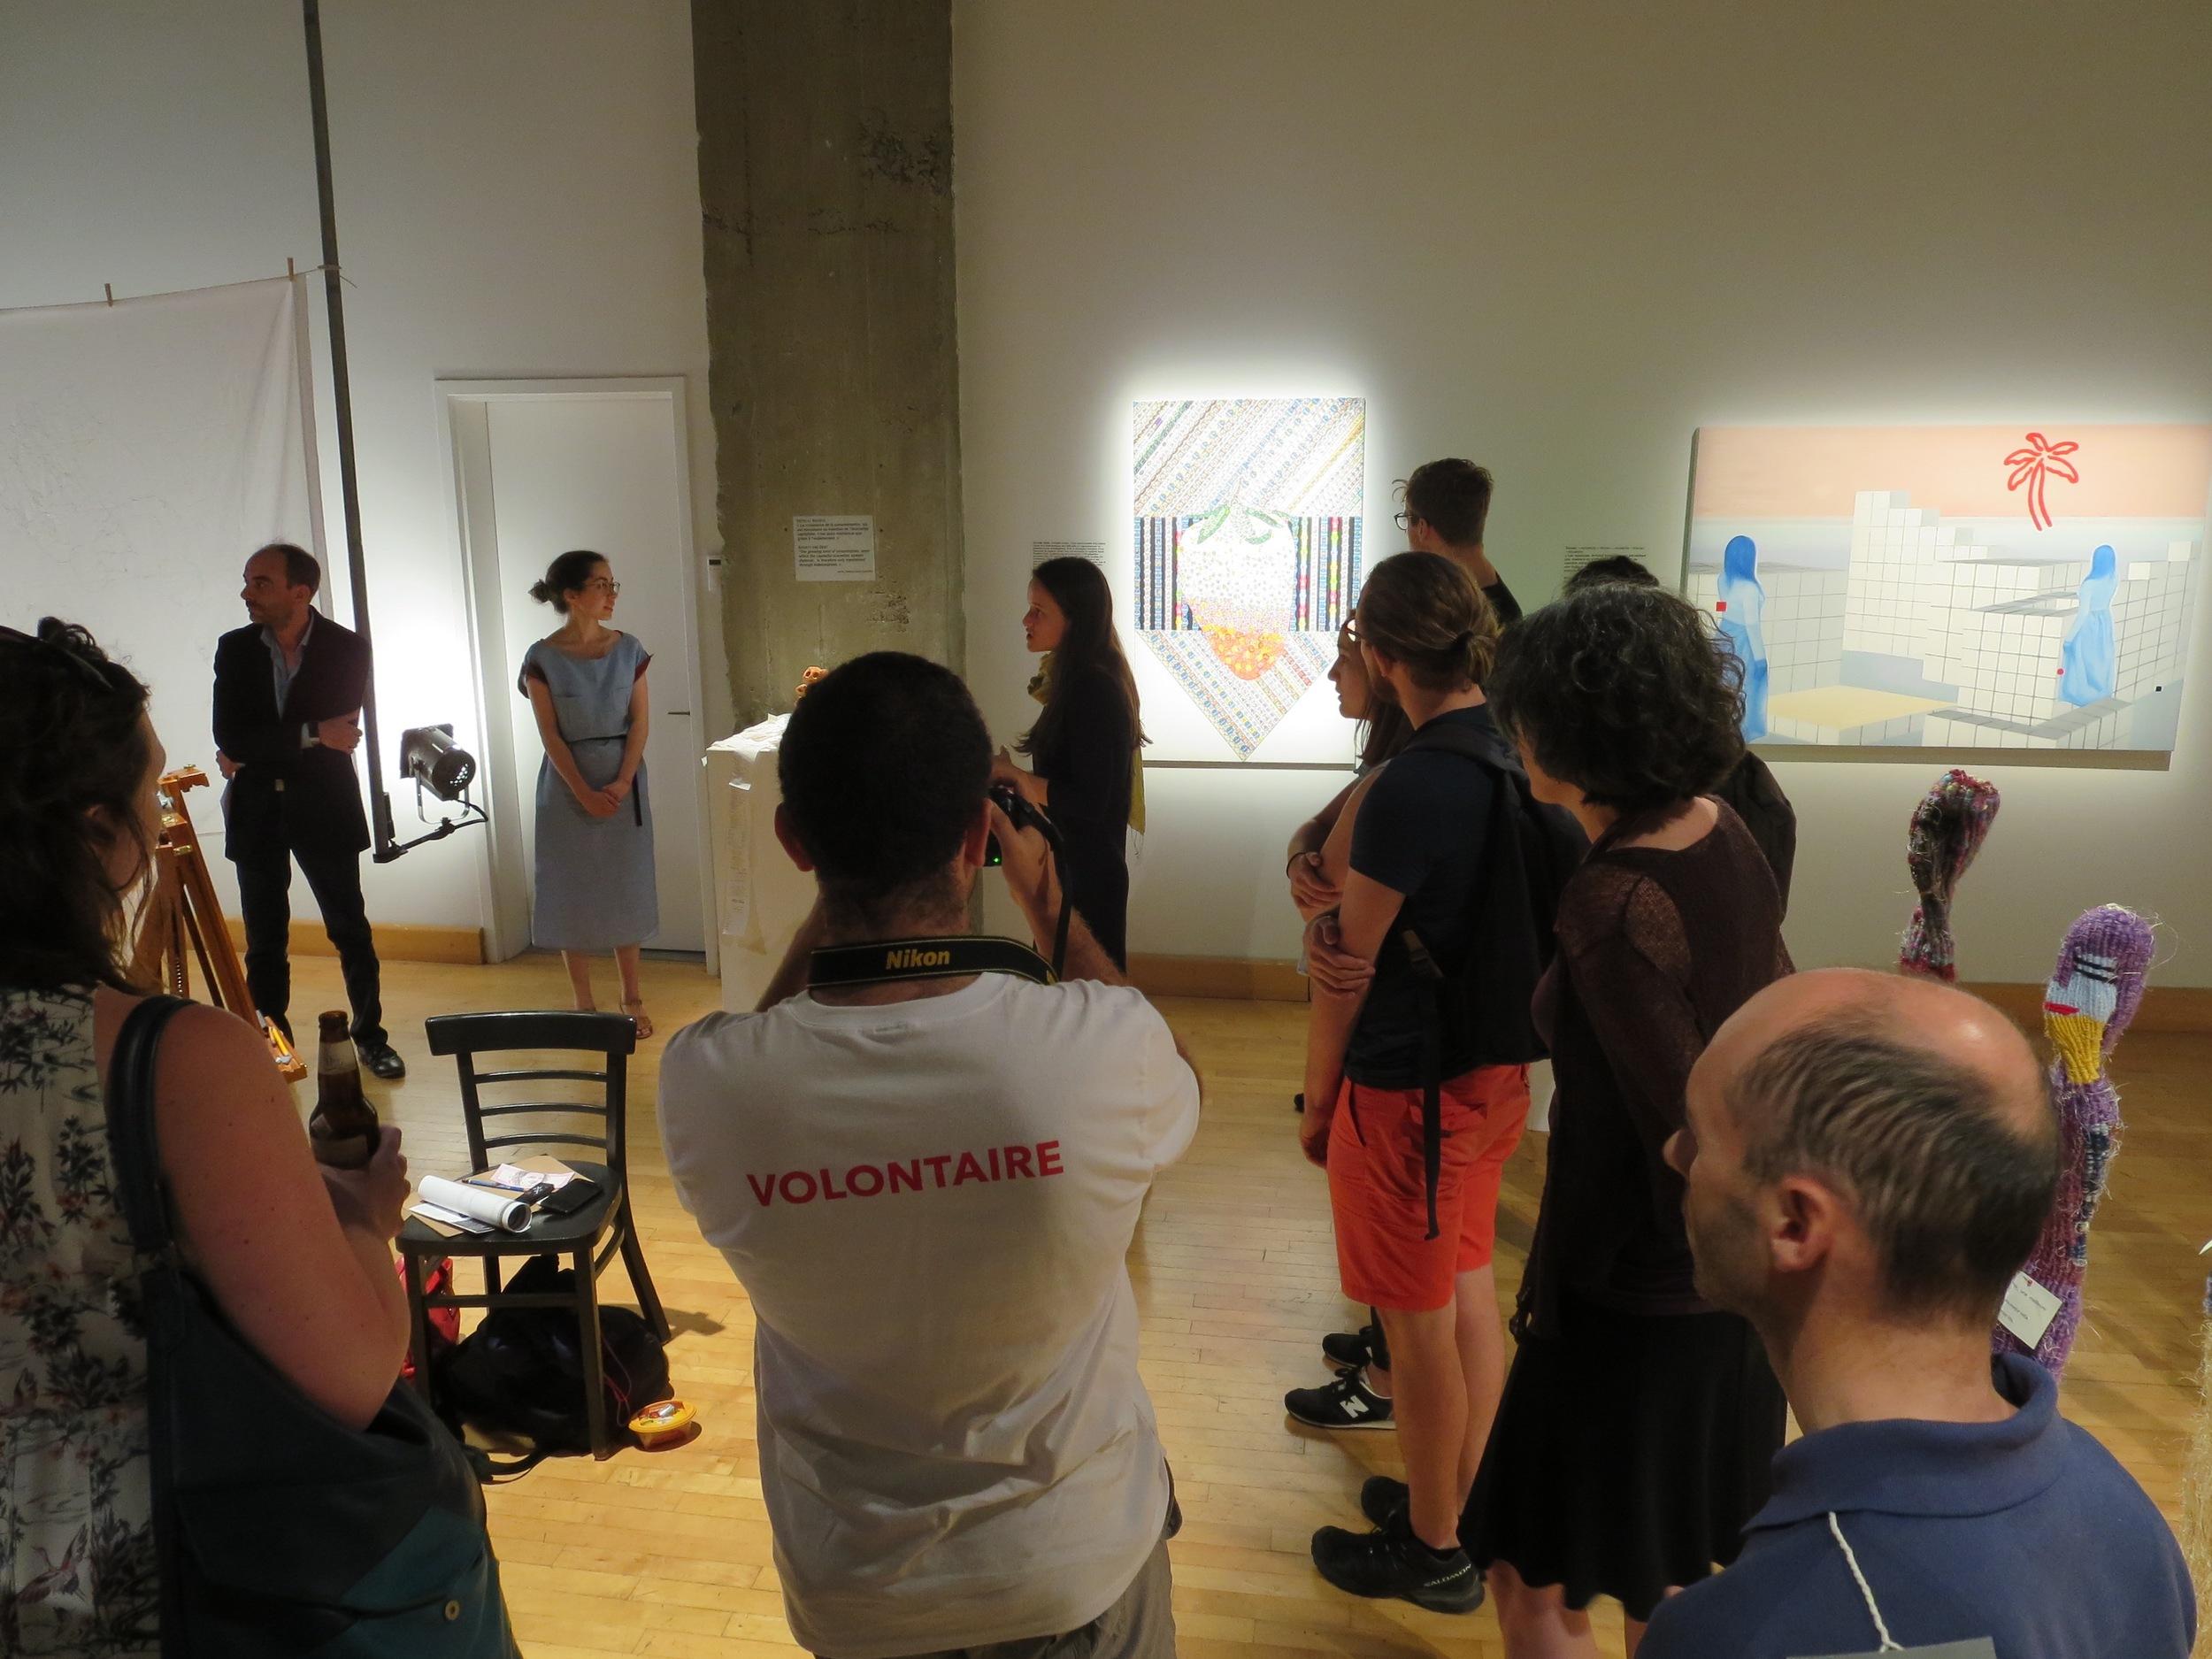 Présentation du projet lors du vernissage, avec le commissaire de l'exposition Ianik Marcil, en haut à droite.